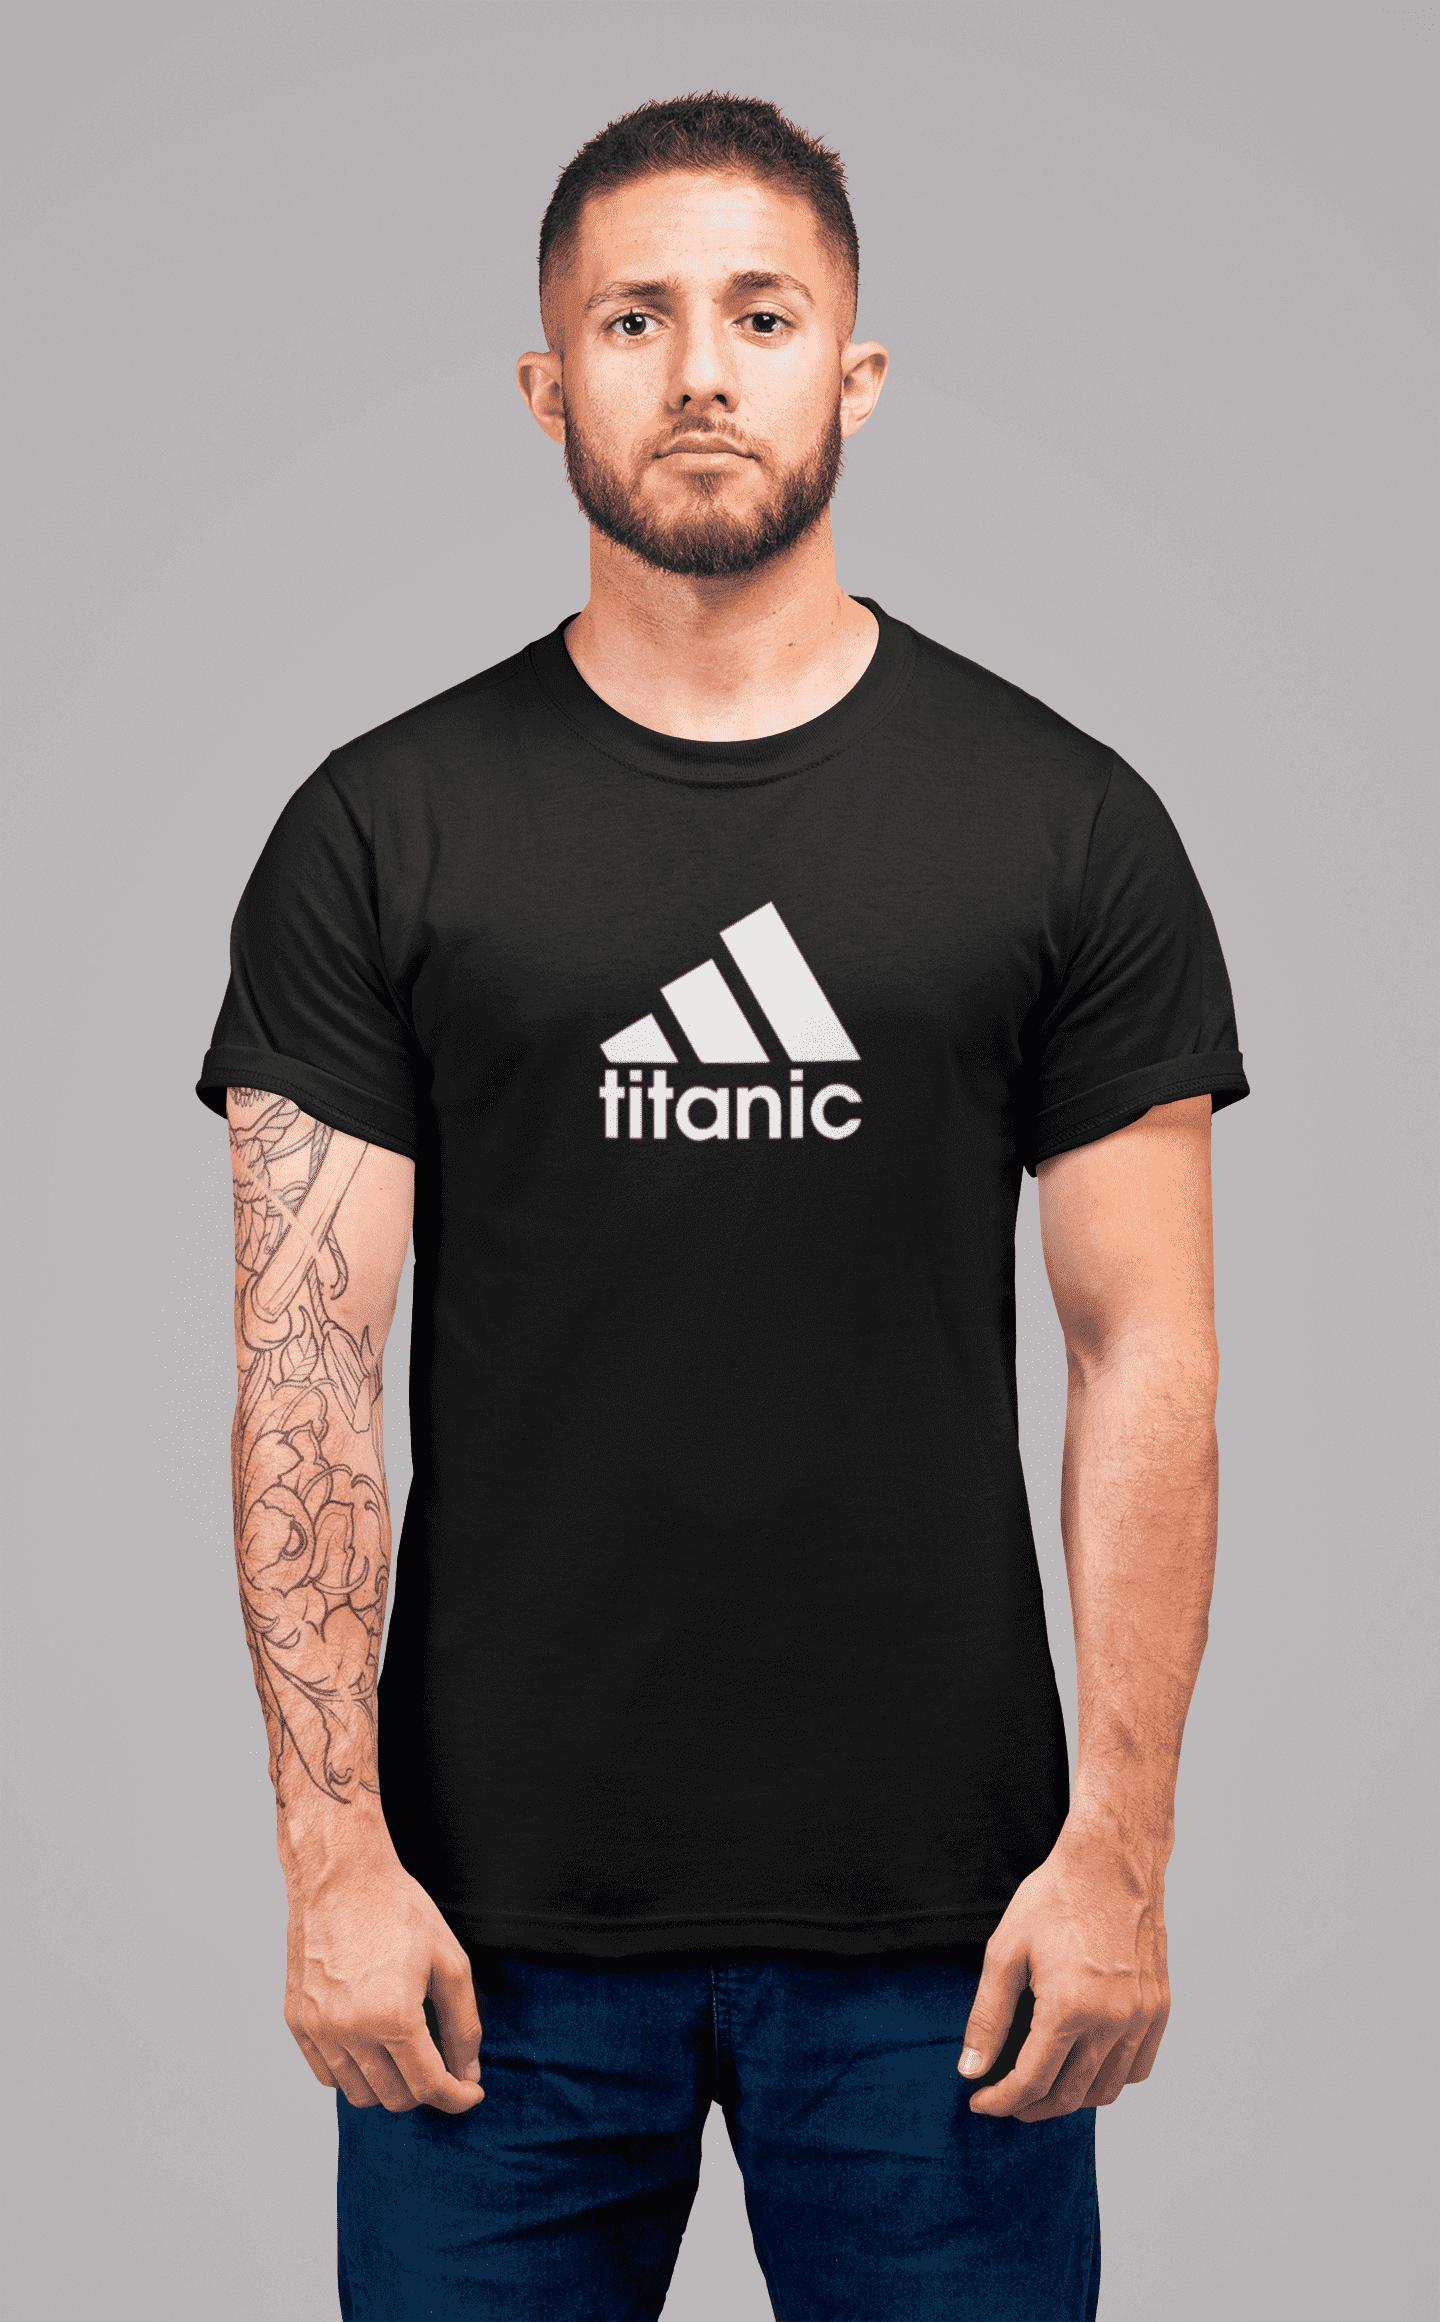 MMO Pánske tričko Titanic Vyberte farbu: Čierna, Vyberte veľkosť: XL